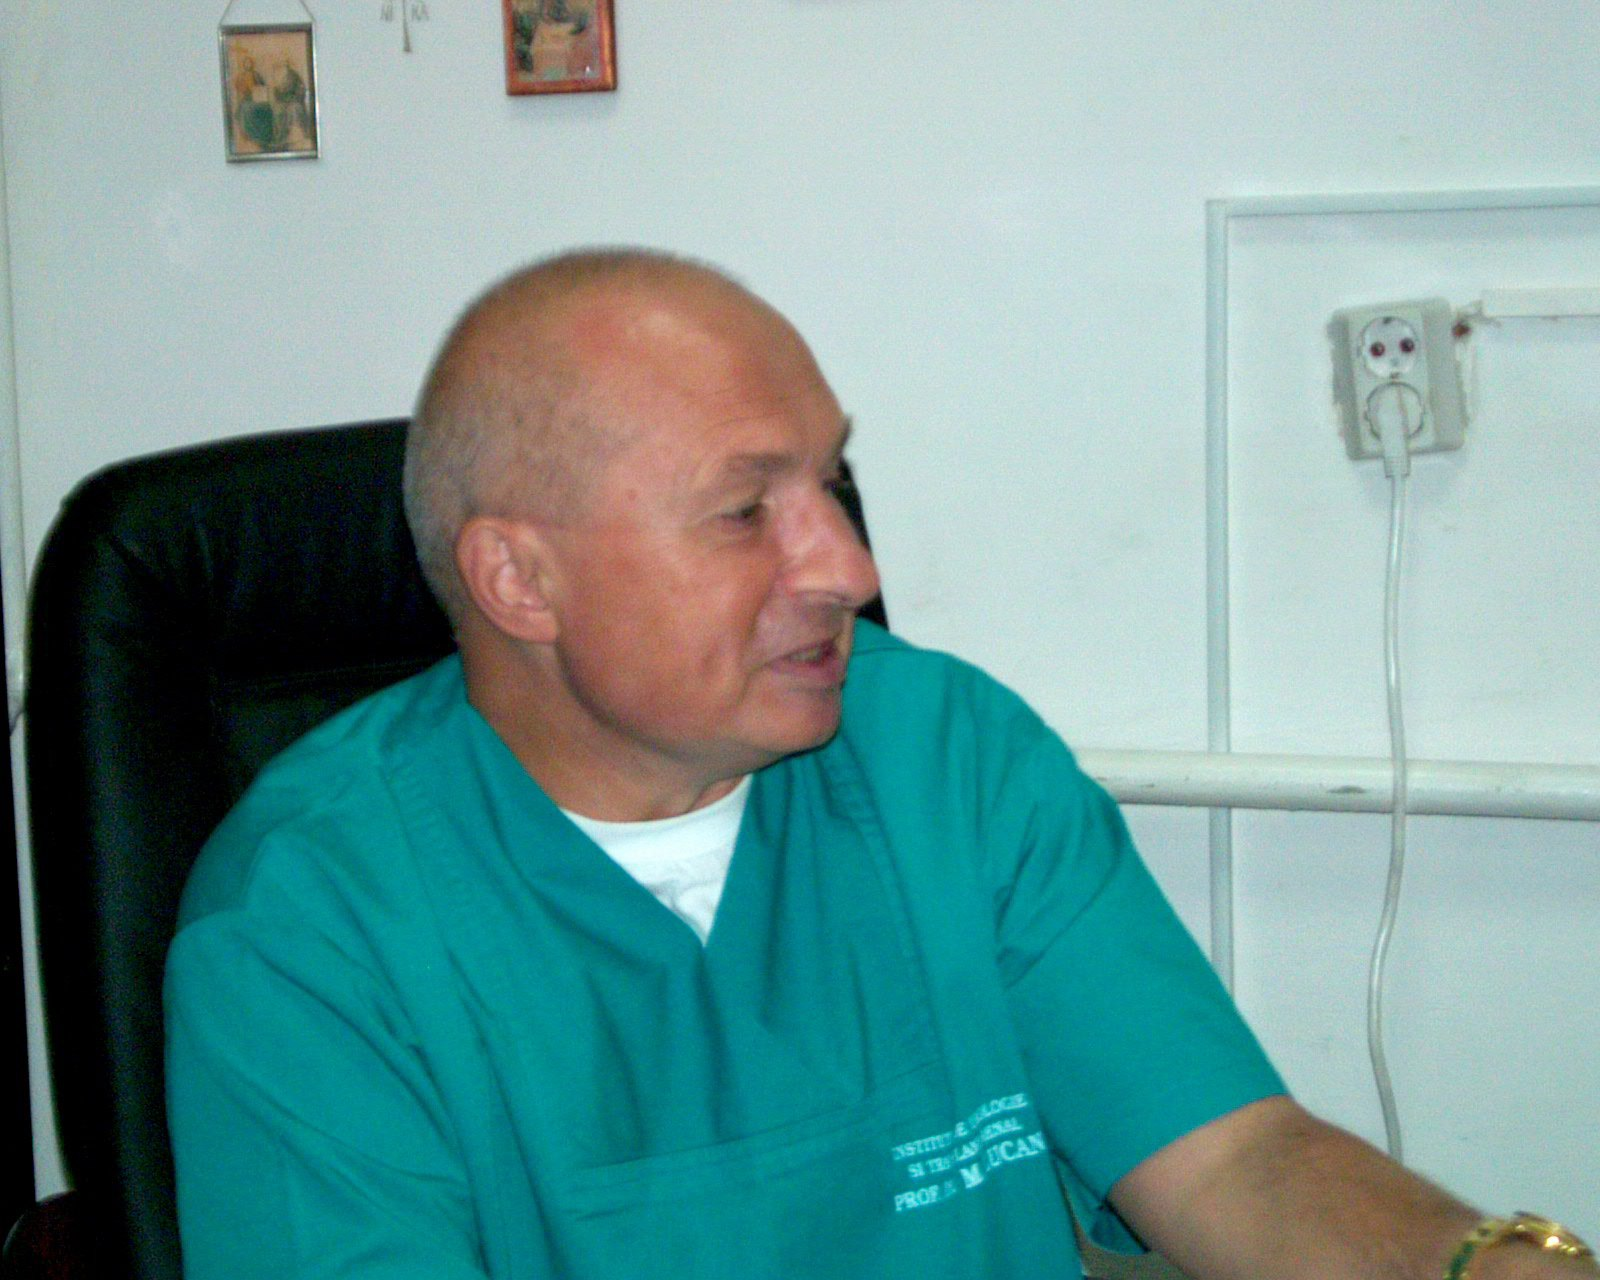 Medicul Mihai Lucan a fost adus la DIICOT Bucureşti. Doctorul, cercetat pentru delapidare/ Doi directori din cadrul Institutului de Urologie au fost reţinuţi